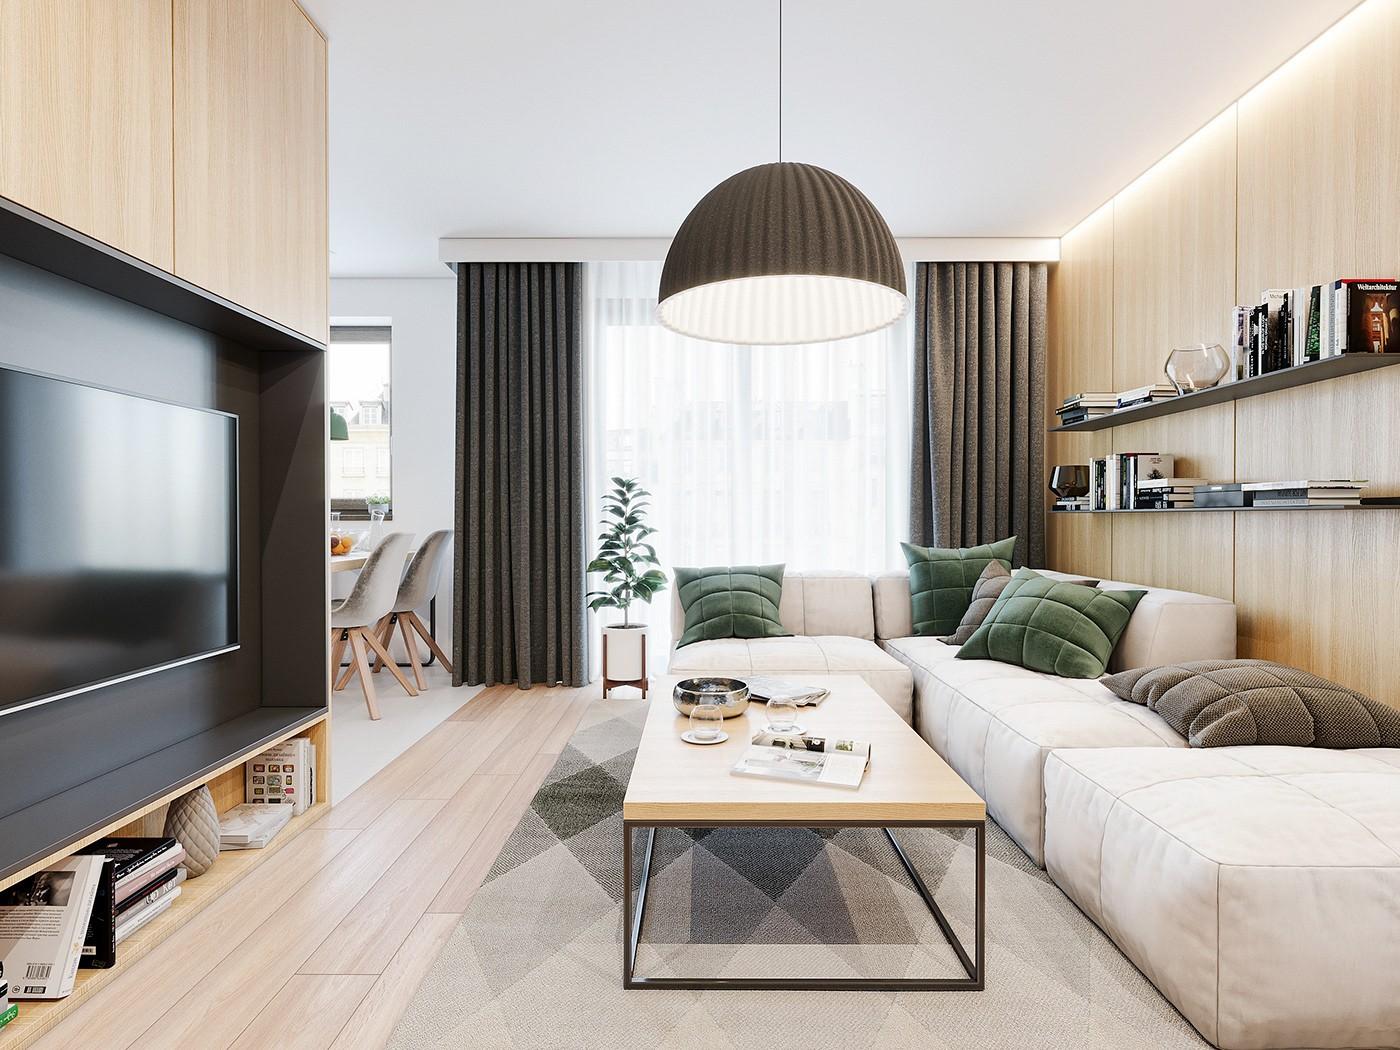 Thiết kế nội thất phòng khách mẫu 3: Phong cách Scandinavian Bắc Âu